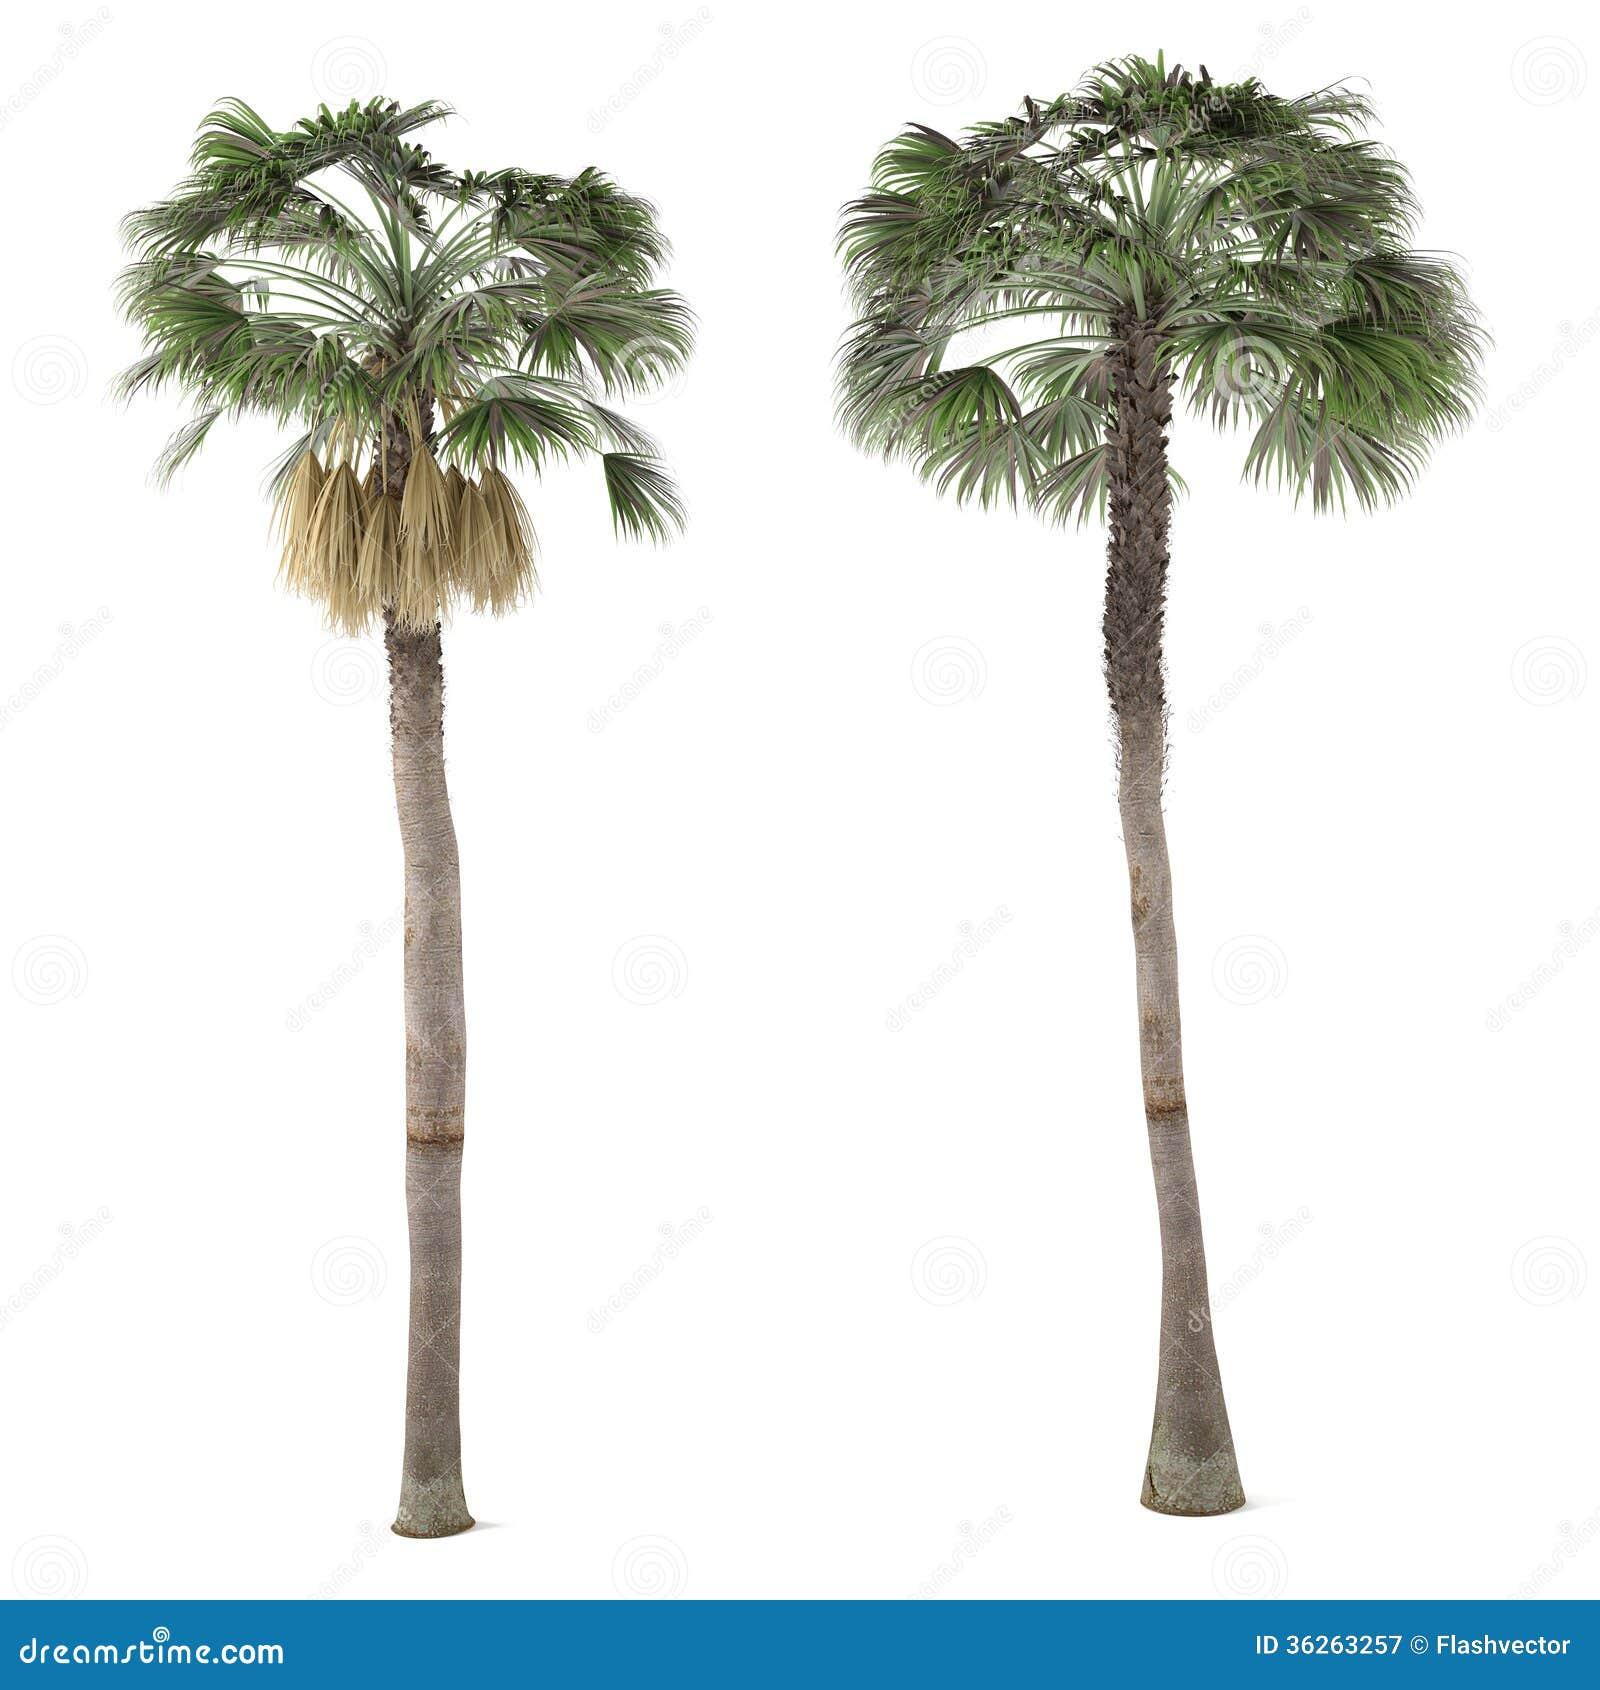 ... Free Stock Photography: Palm plant tree isolated. Washingtonia Robusta